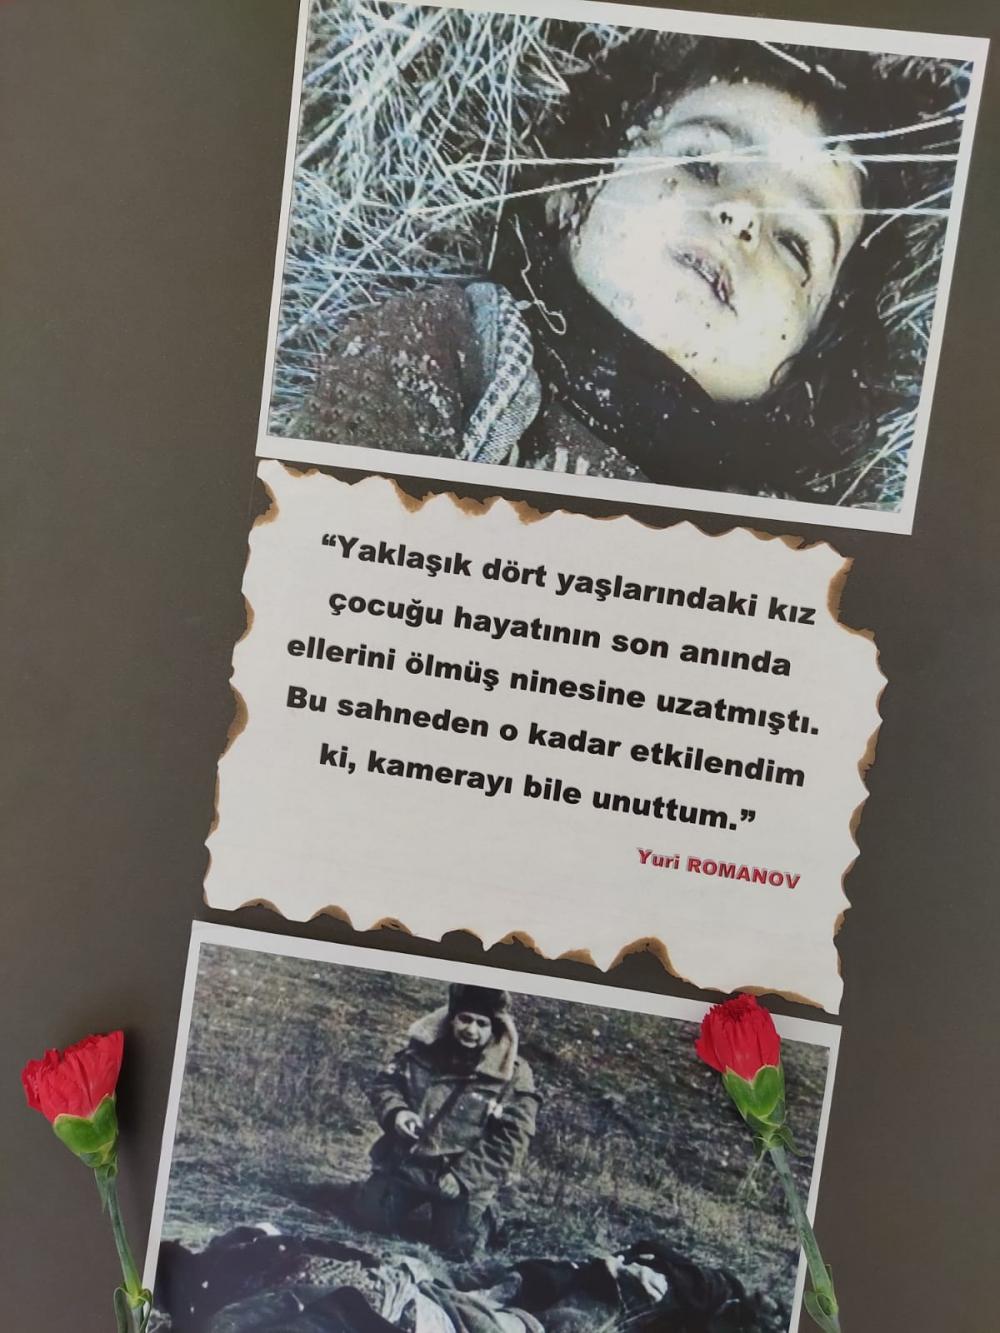 HOCALI Soykırımı, Dünya Kör, Dünya Sağır ve Katiller Kadar Suçlu 1